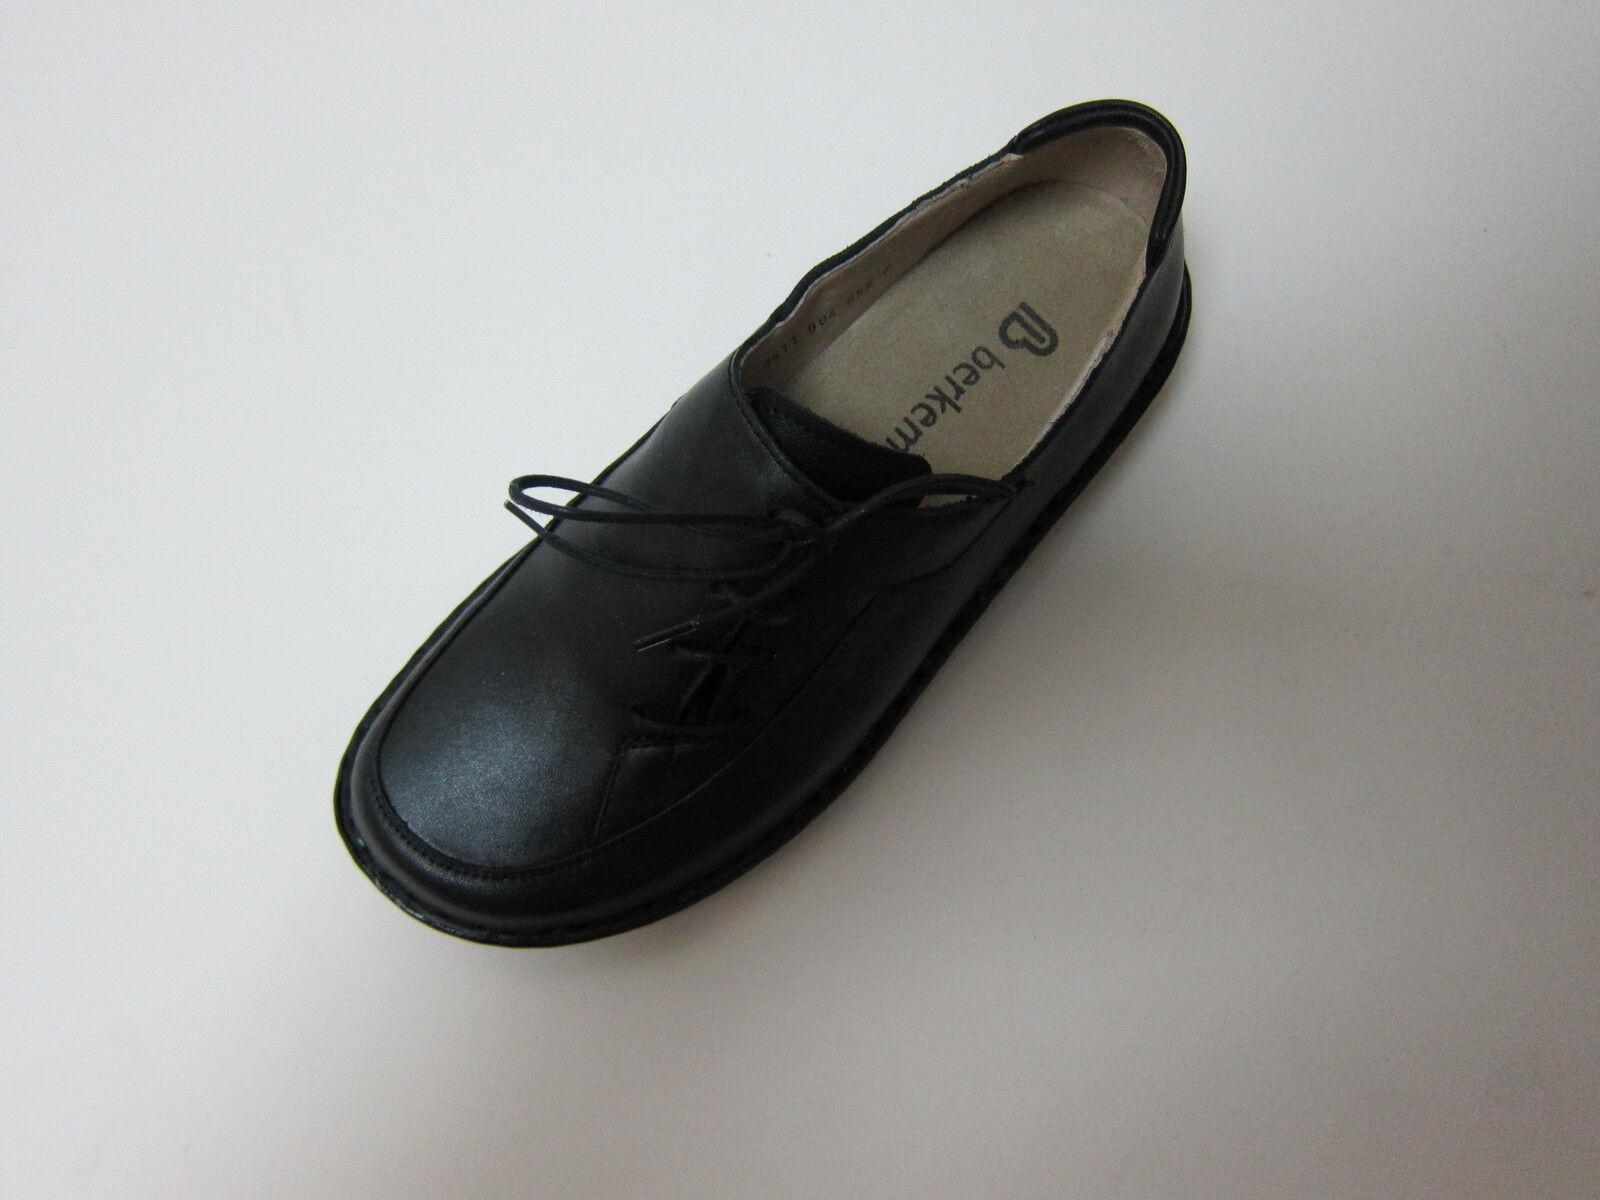 Berkehommen Chaussures Basses Benita pour en vrac dépôts taille 5,0 (t 38)  1427